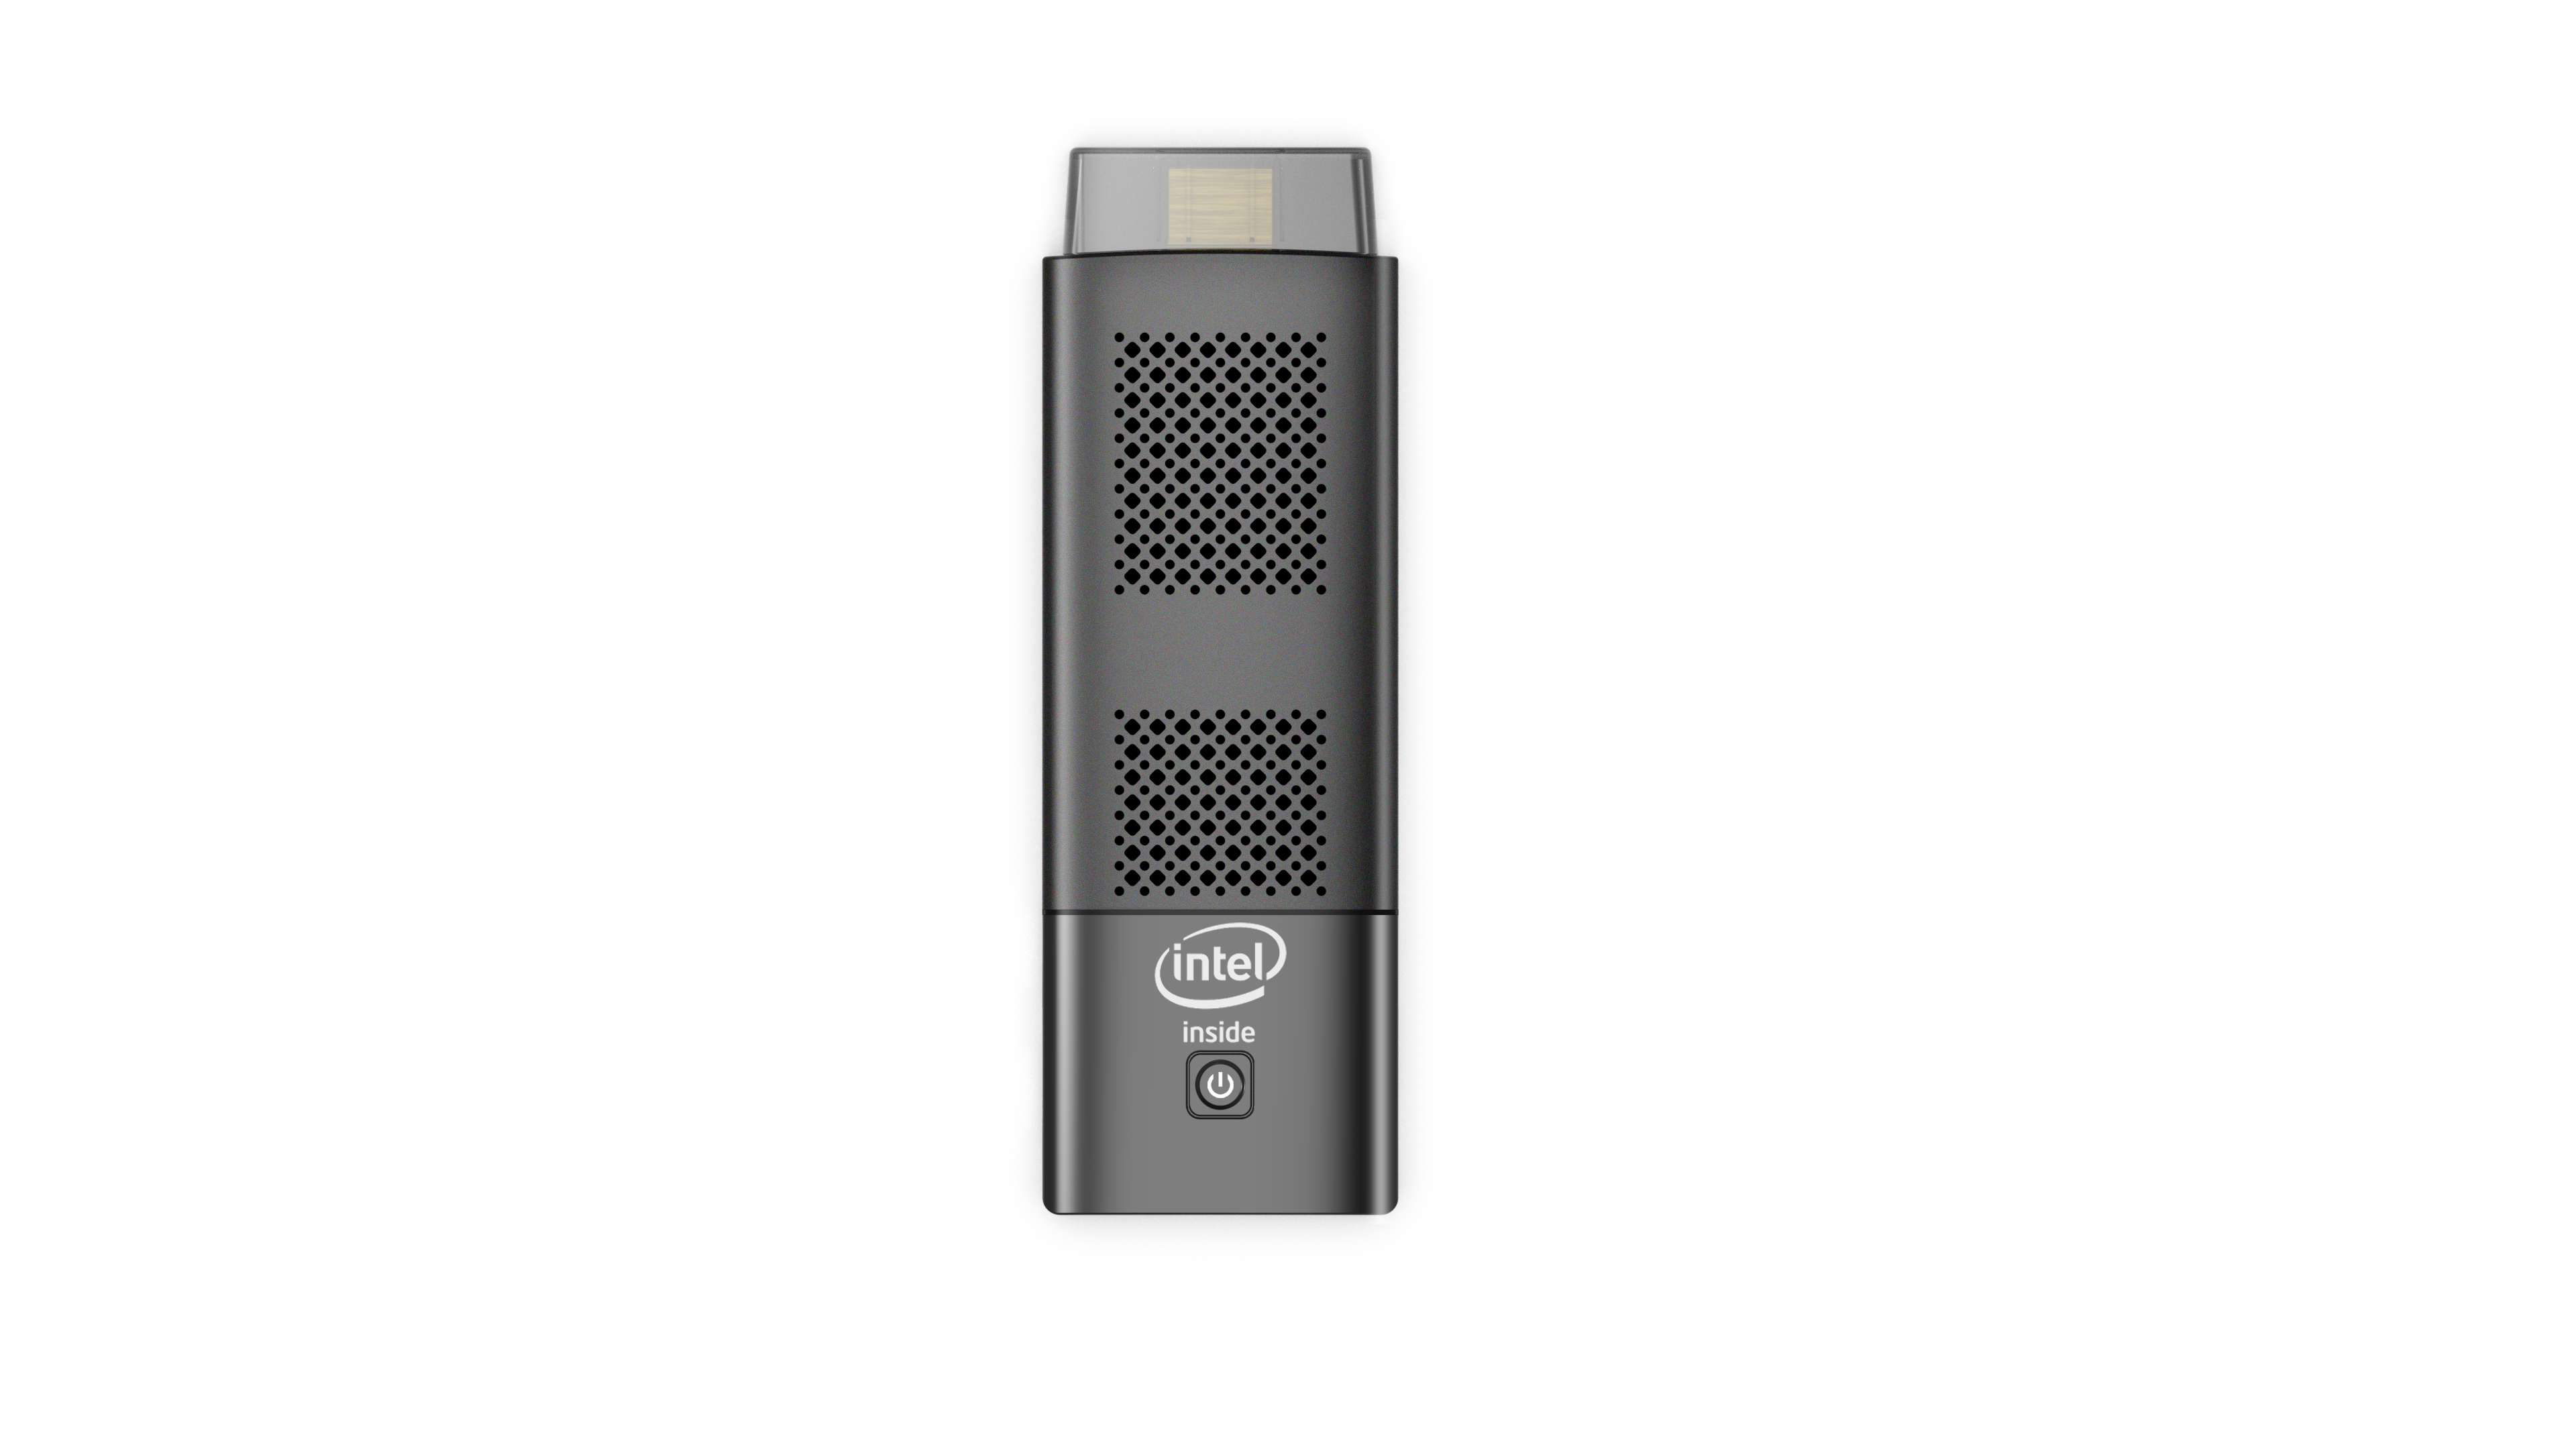 【送料無料】skynew スティック型pc 4K対応 Intel n4100/6GB/128GB 品番M1K 1台